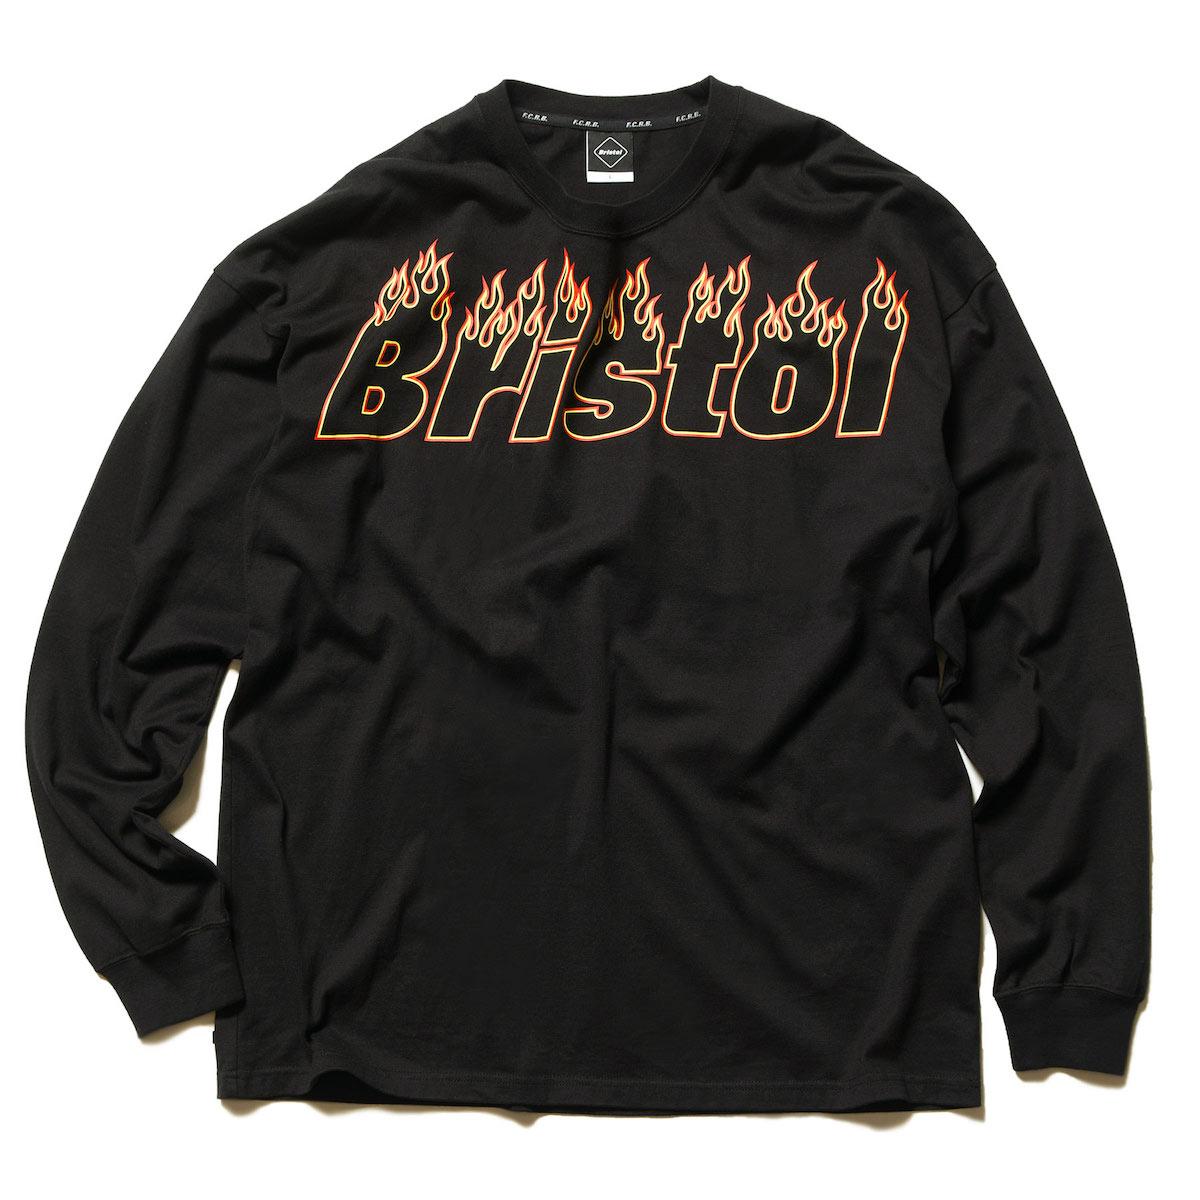 F.C.Real Bristol / FIRE BRISTOL L/S BIG TEE -Black